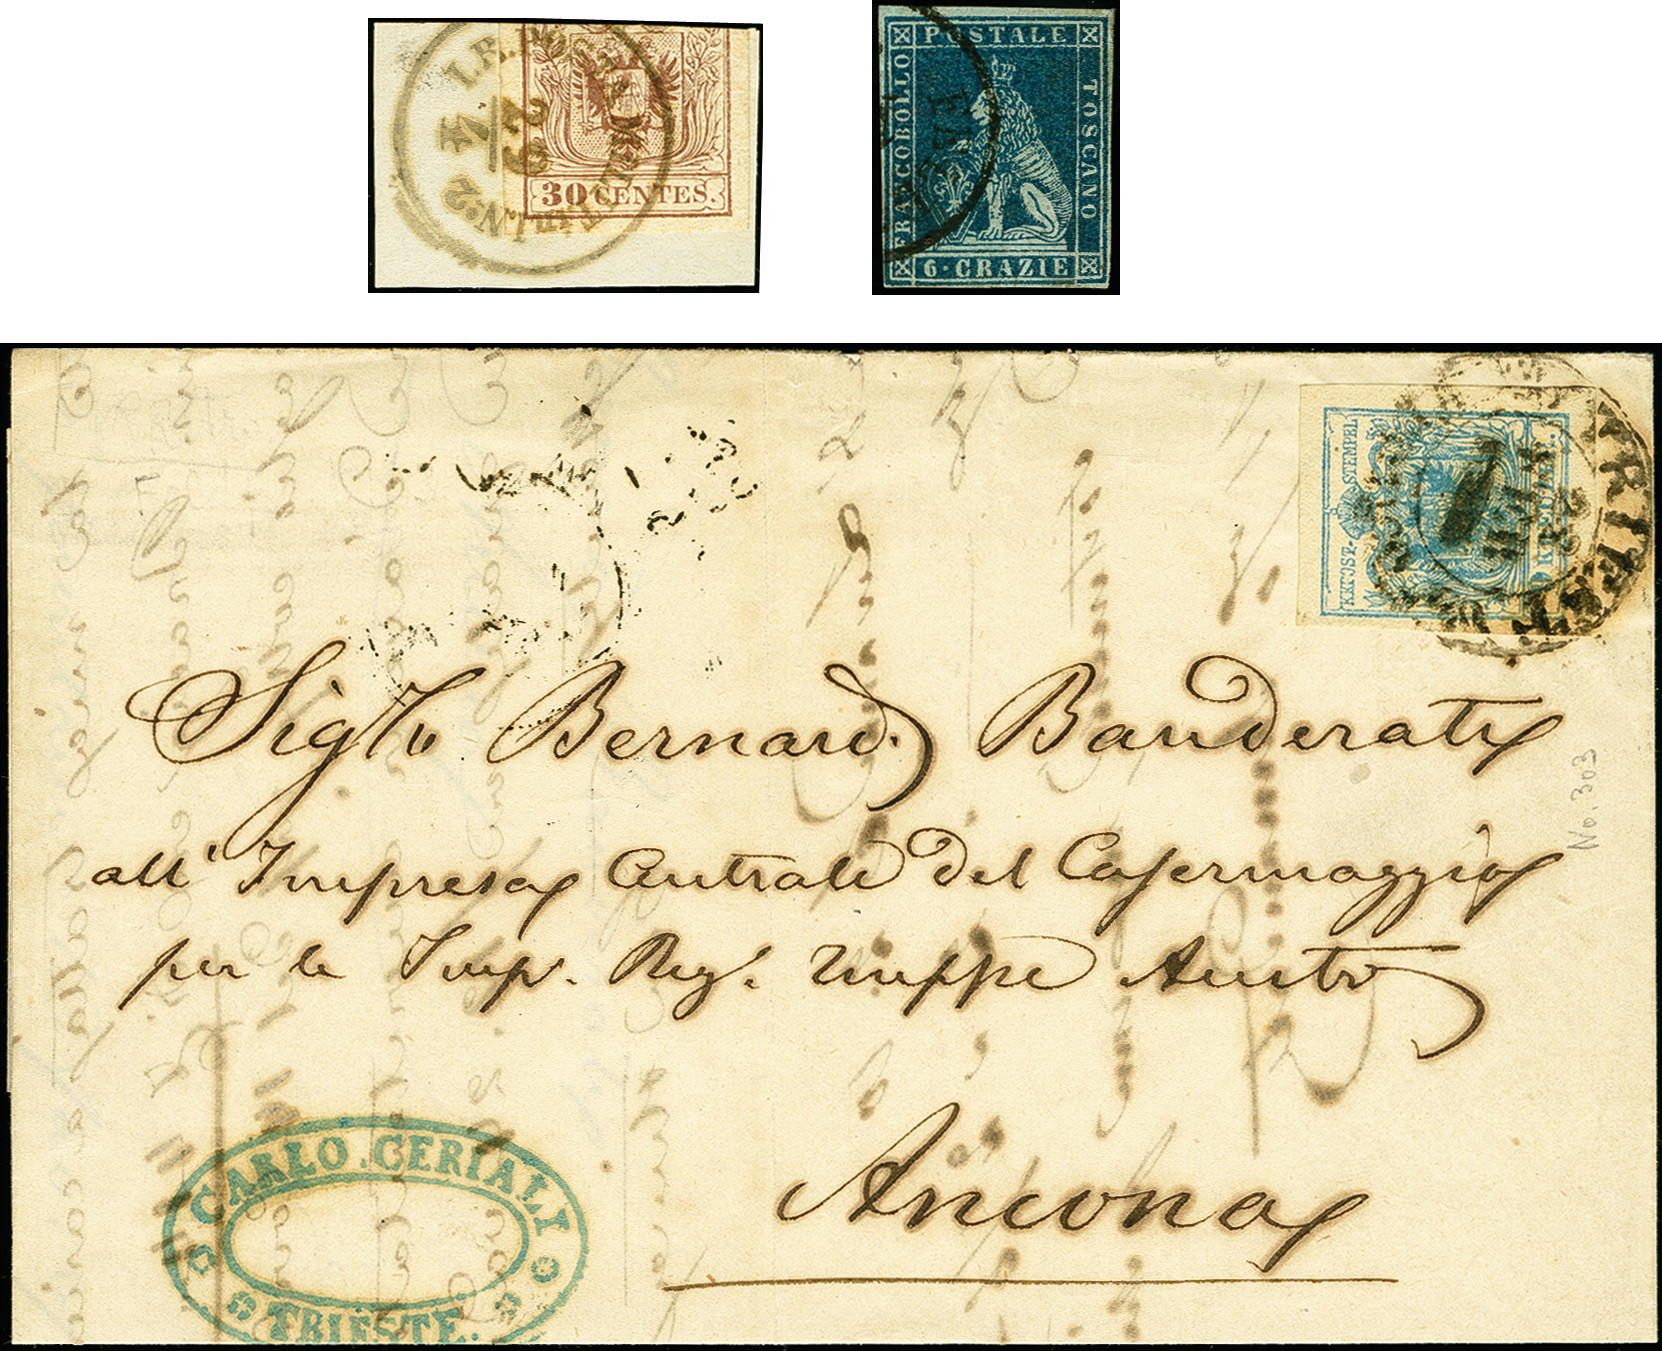 Lot 1117 - österreich lombardy venetia -  Heinrich Koehler Auktionen 375rd Heinrich Köhler auction - Day 1